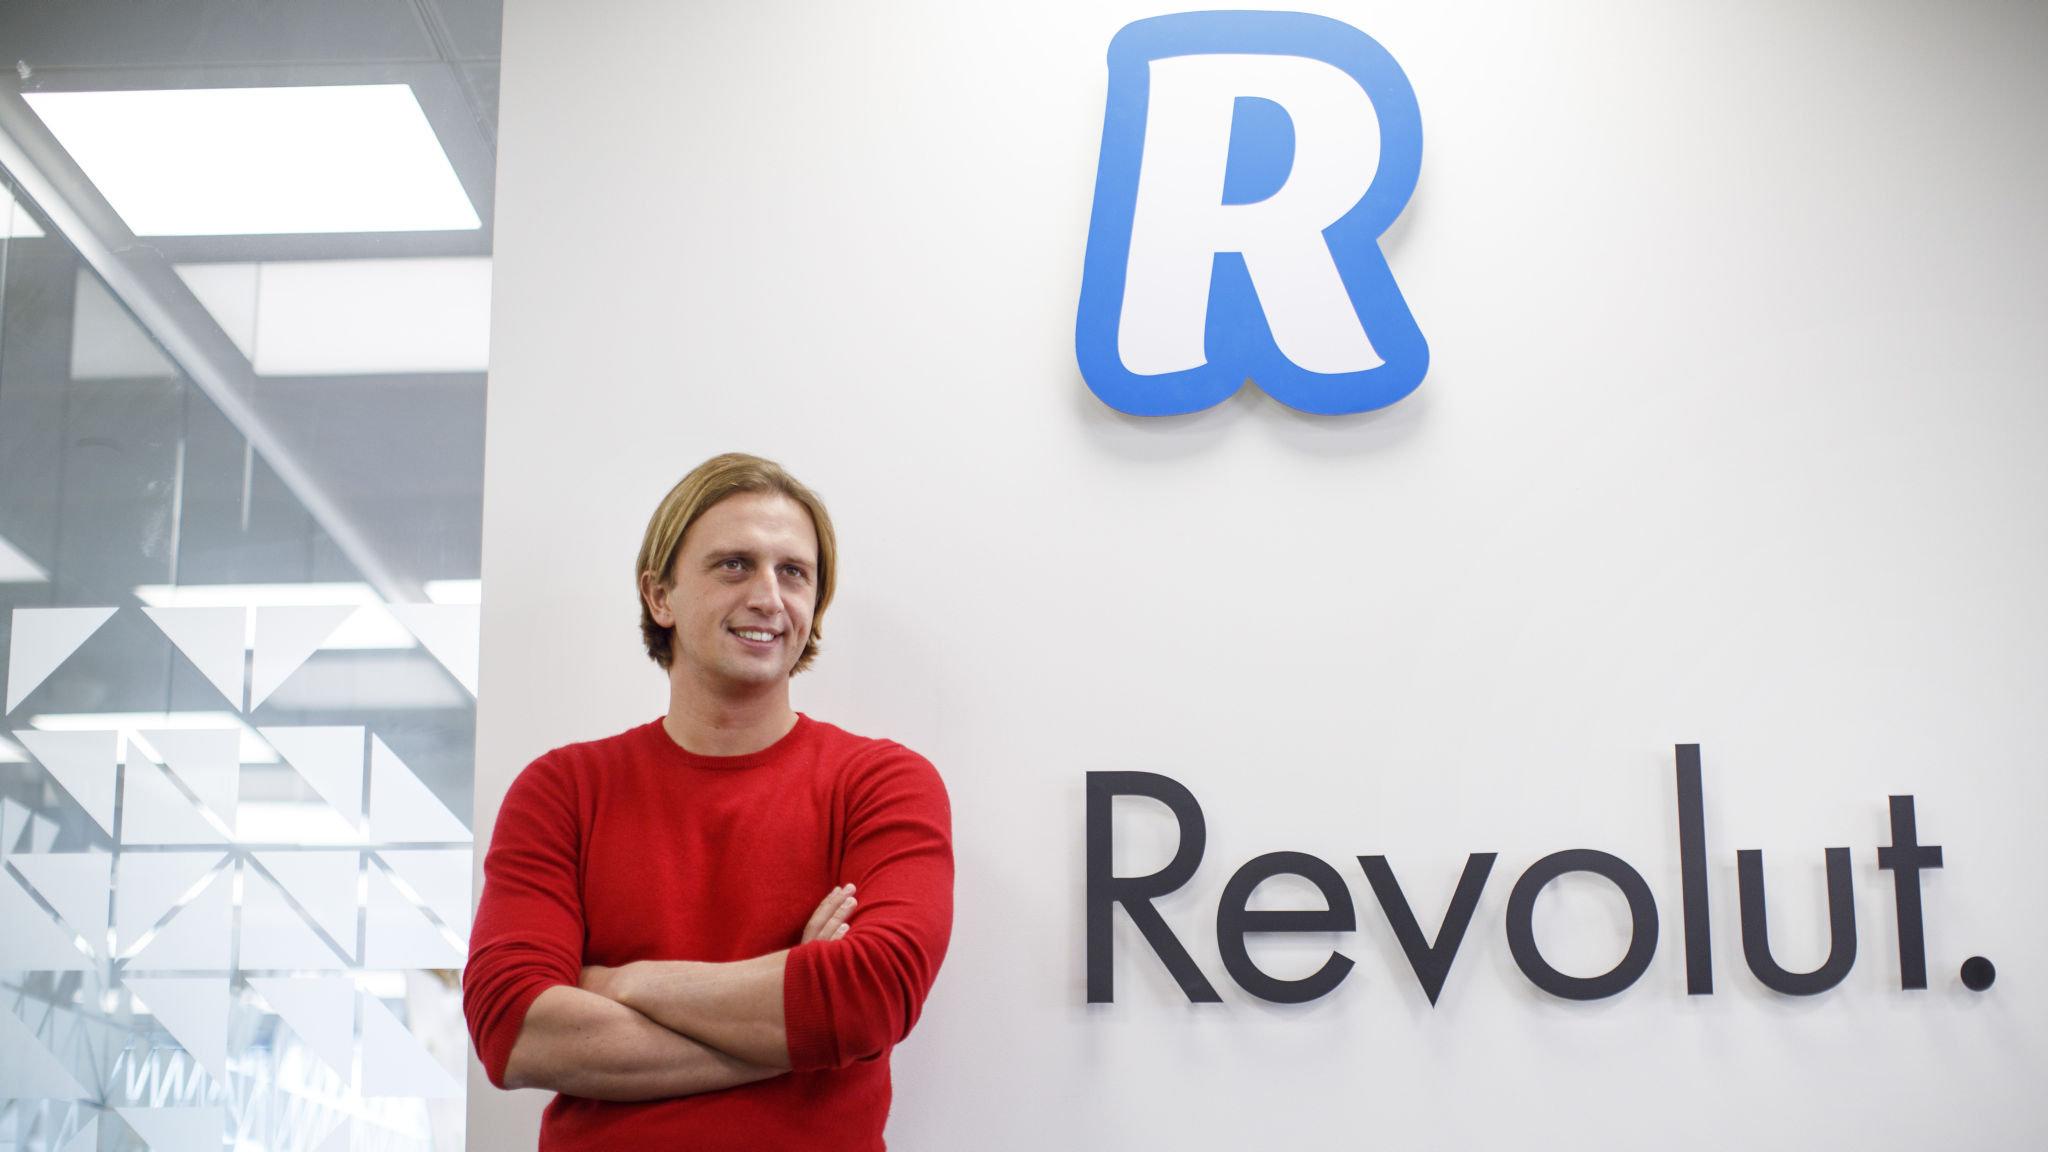 Revolut's revenue revolution